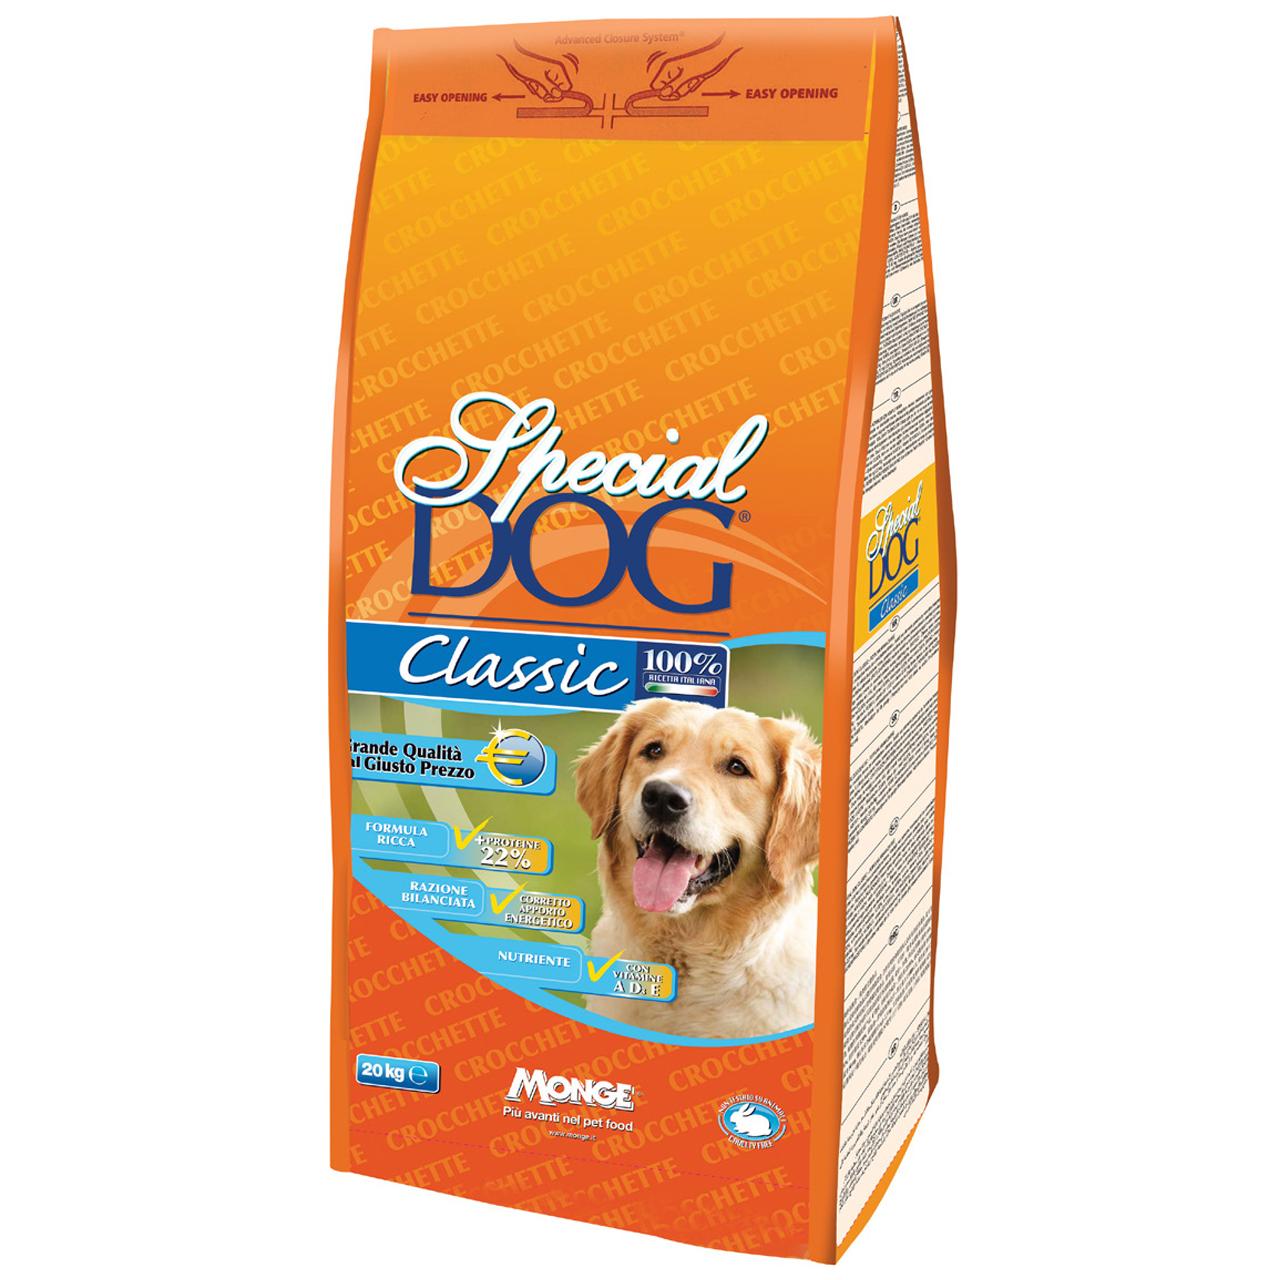 غذای خشک سگ اسپشیال داگ مدل Classic-00192 کلاسیک وزن 20 کیلوگرم